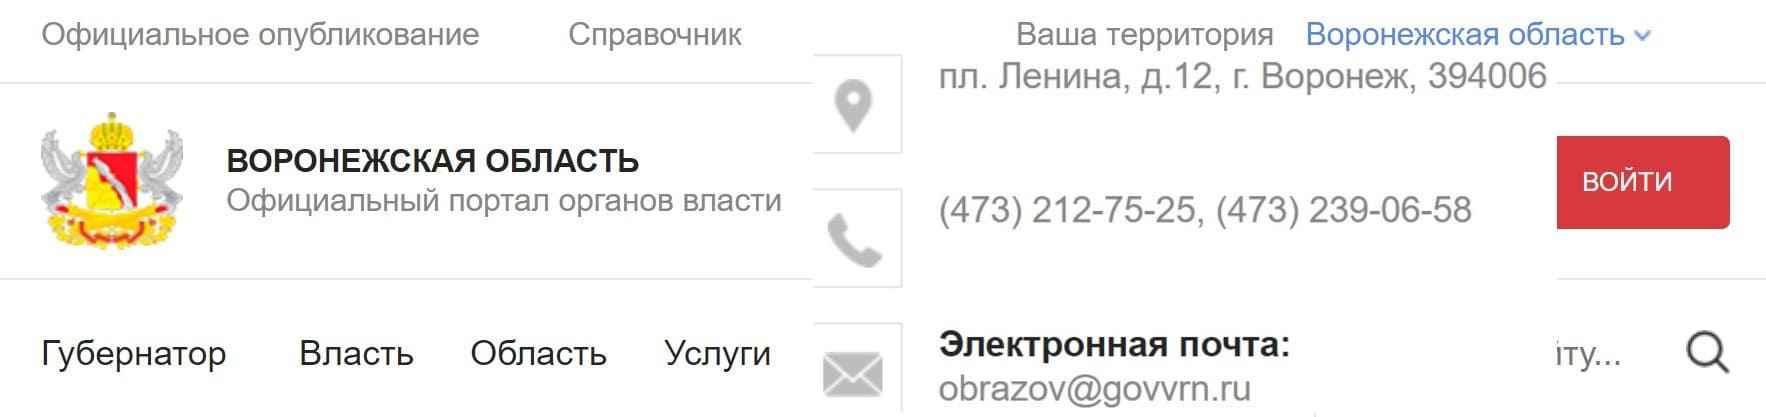 Департамент образования науки и молодежной политики Воронежской области